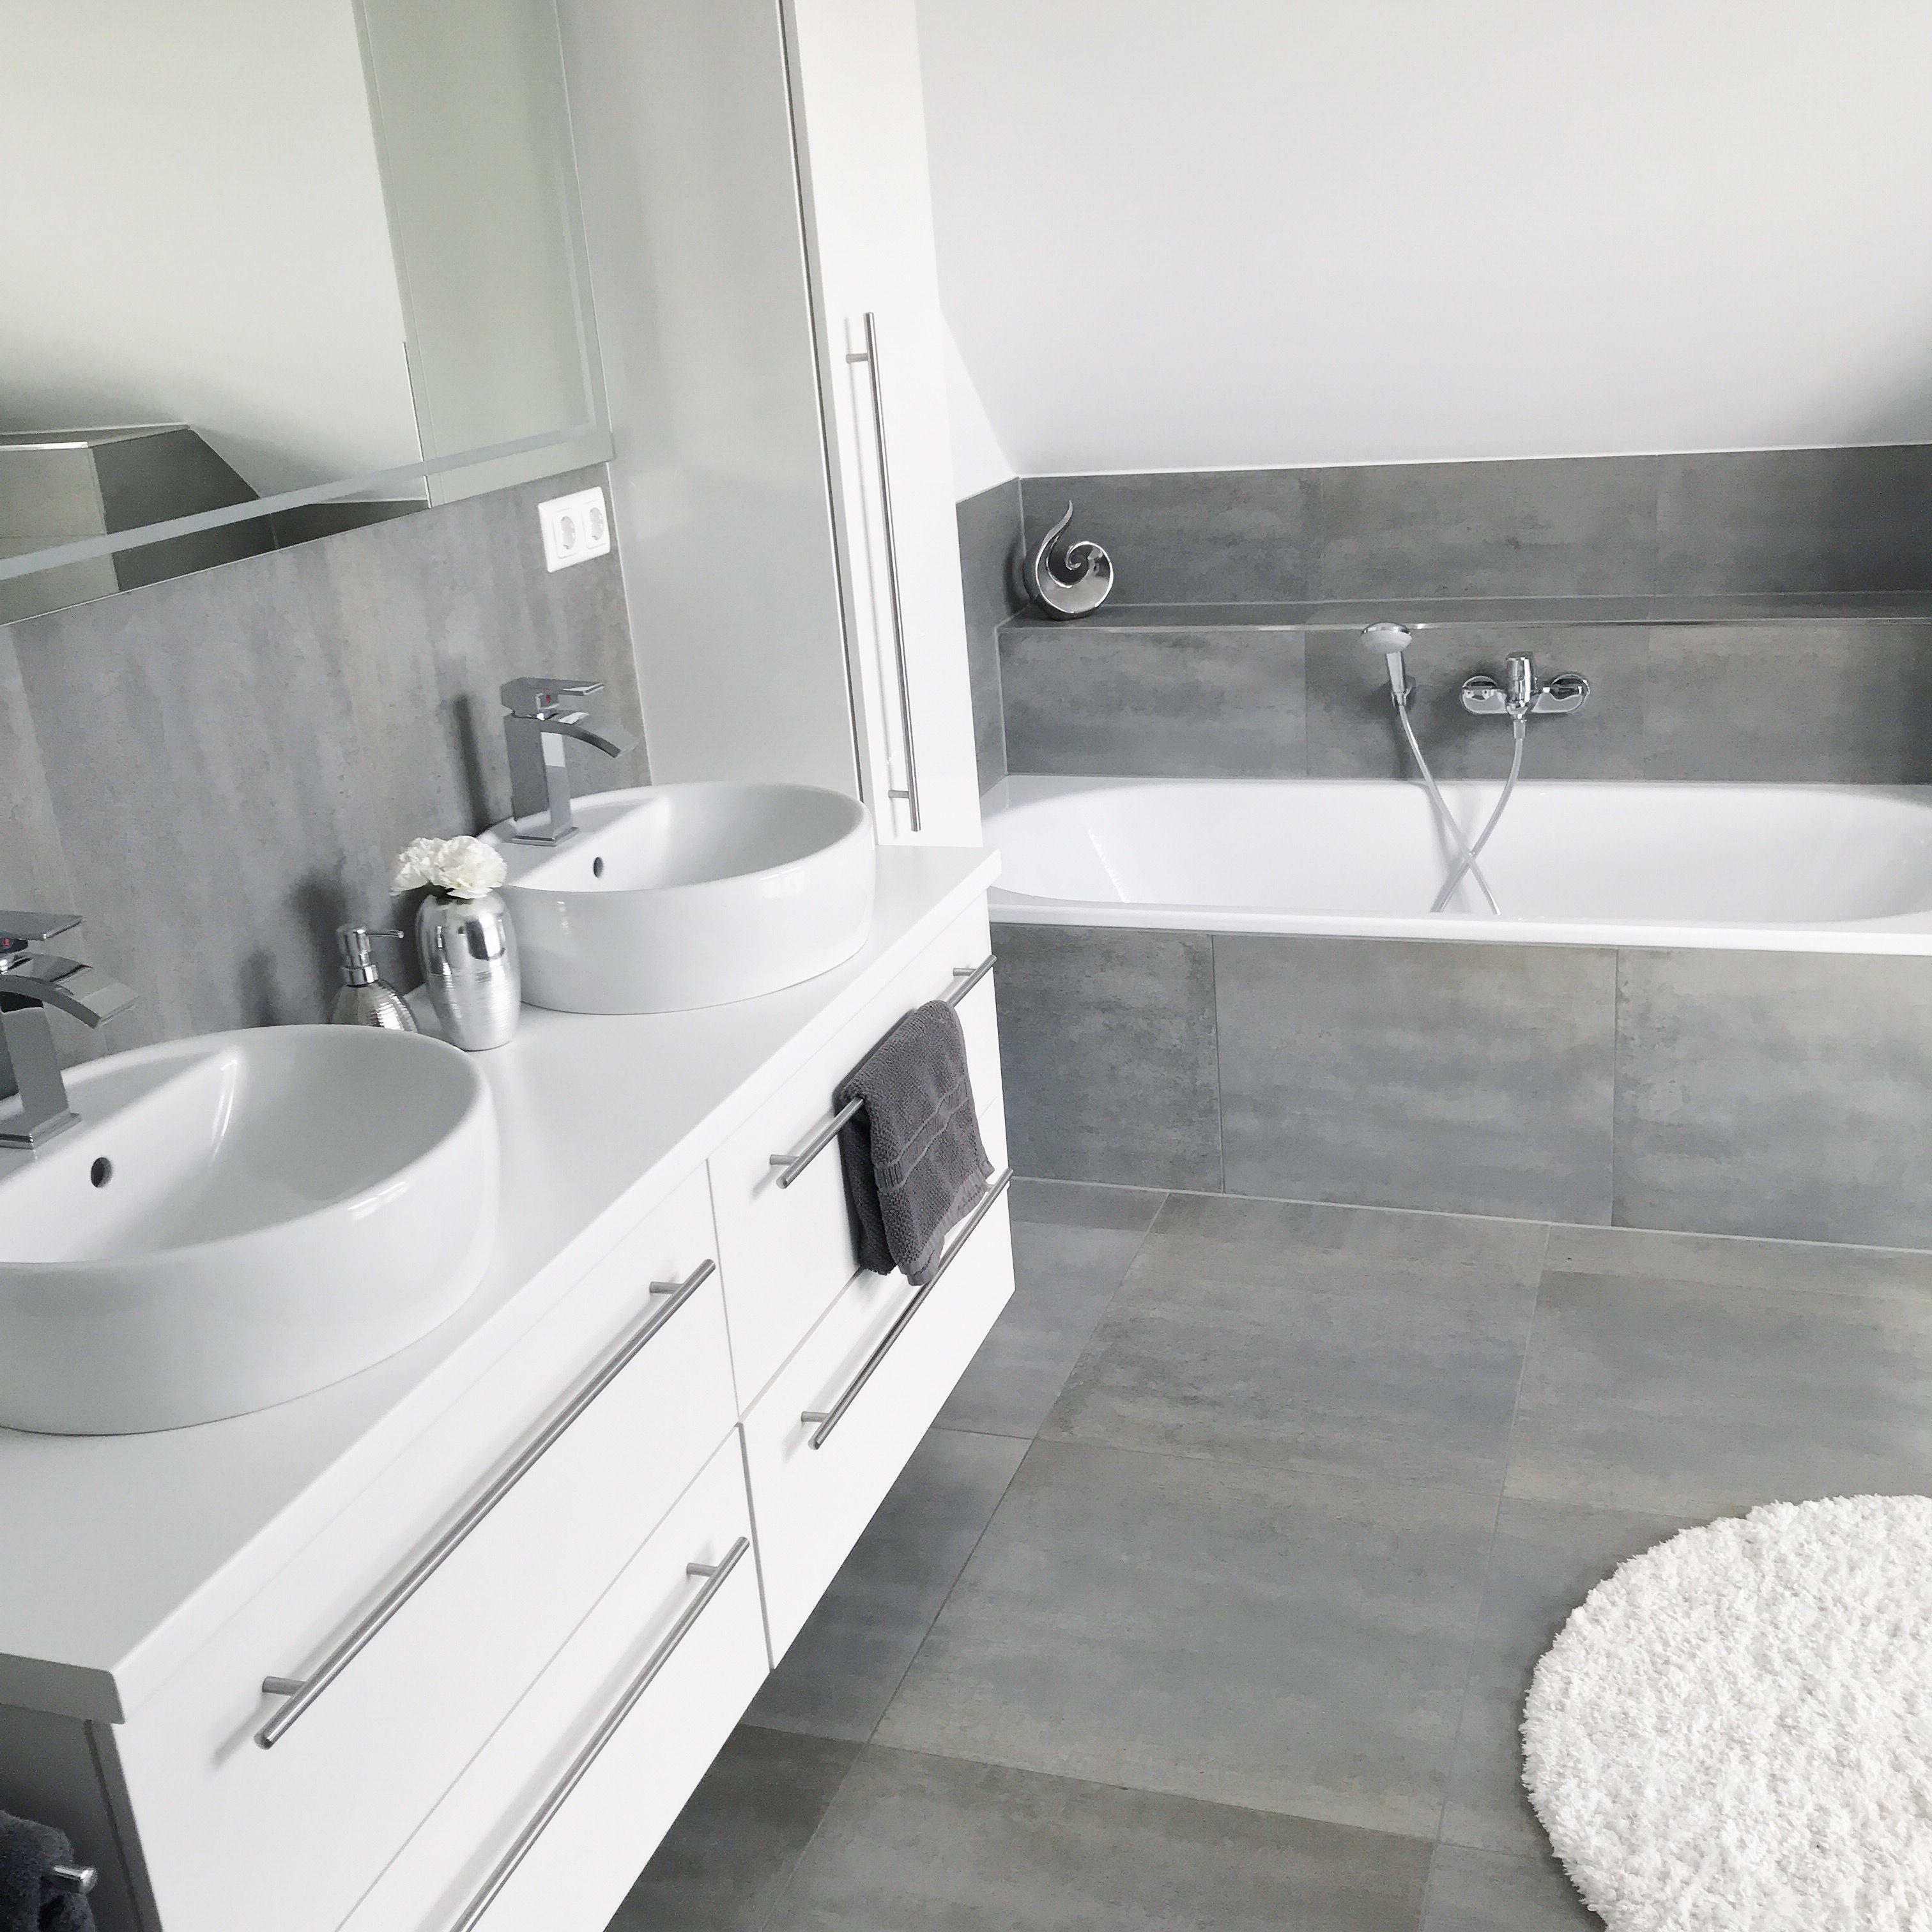 11 Instagram Wohnemotion Landhaus Badezimmer Bathroom Modern Grau Eintagamsee Badezimmer Ideen Grau Badezimmer Innenausstattung Badezimmer